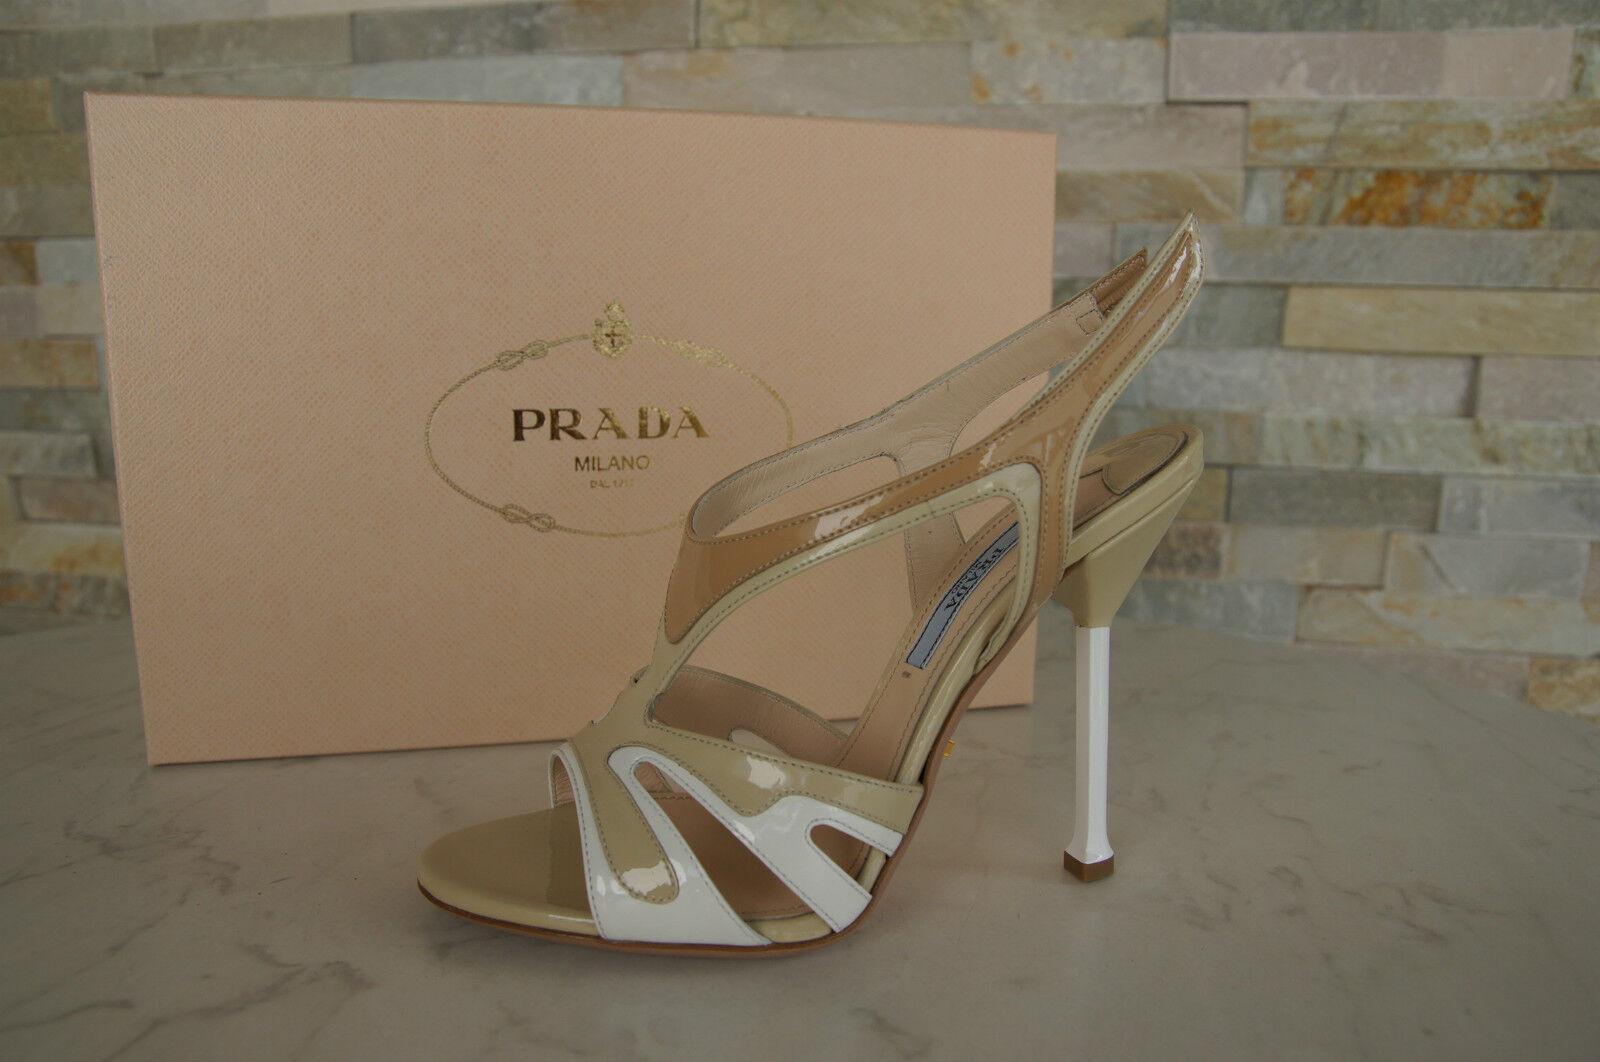 Prada sandalias sandals zapatos Shoes heels charol multicolor nuevo PVP